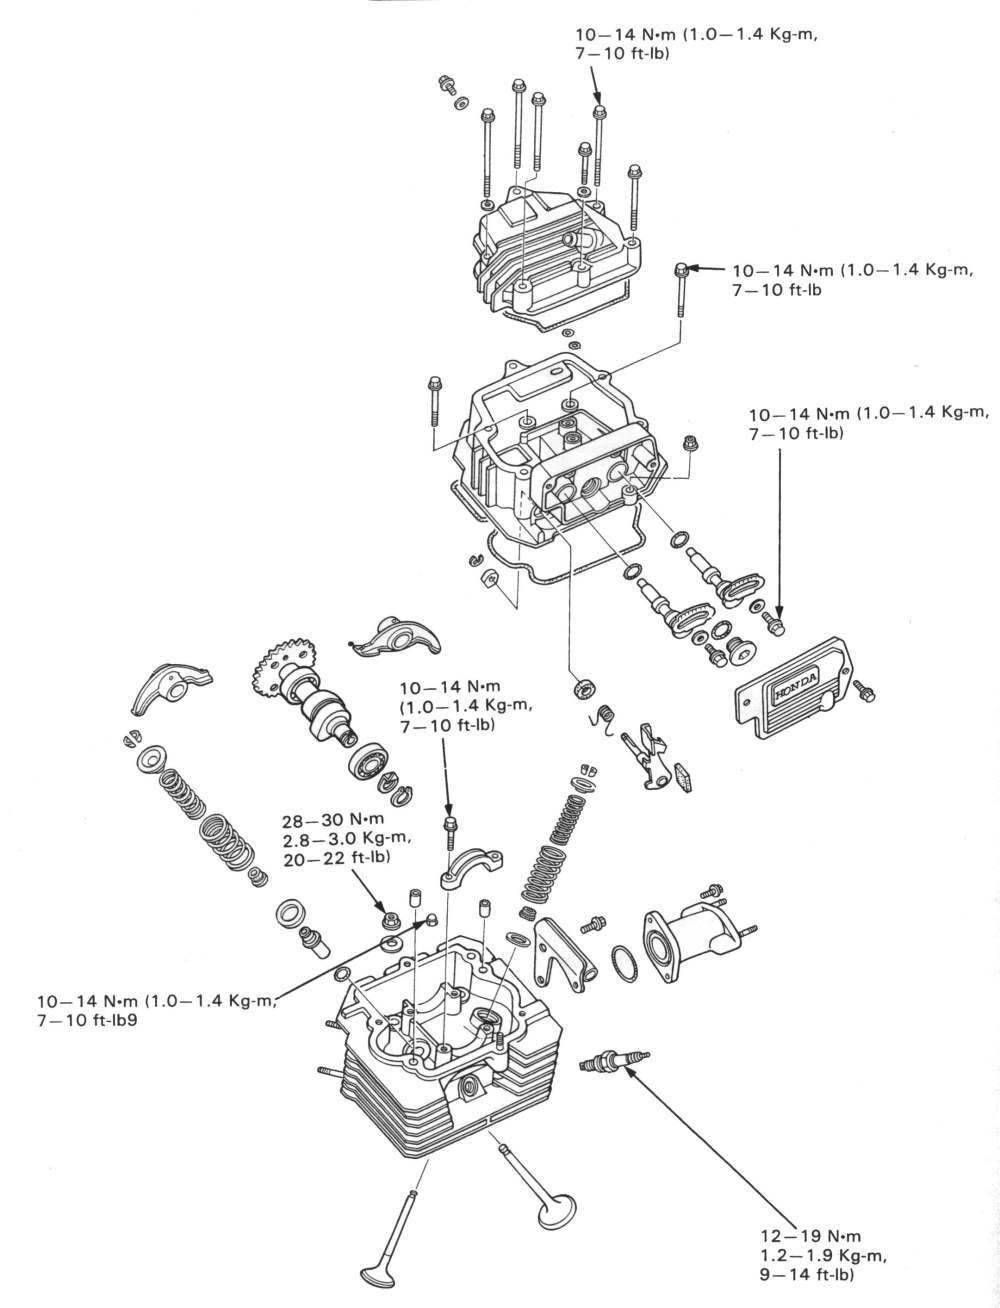 medium resolution of mio engine schematics wiring diagram blog mio engine schematics